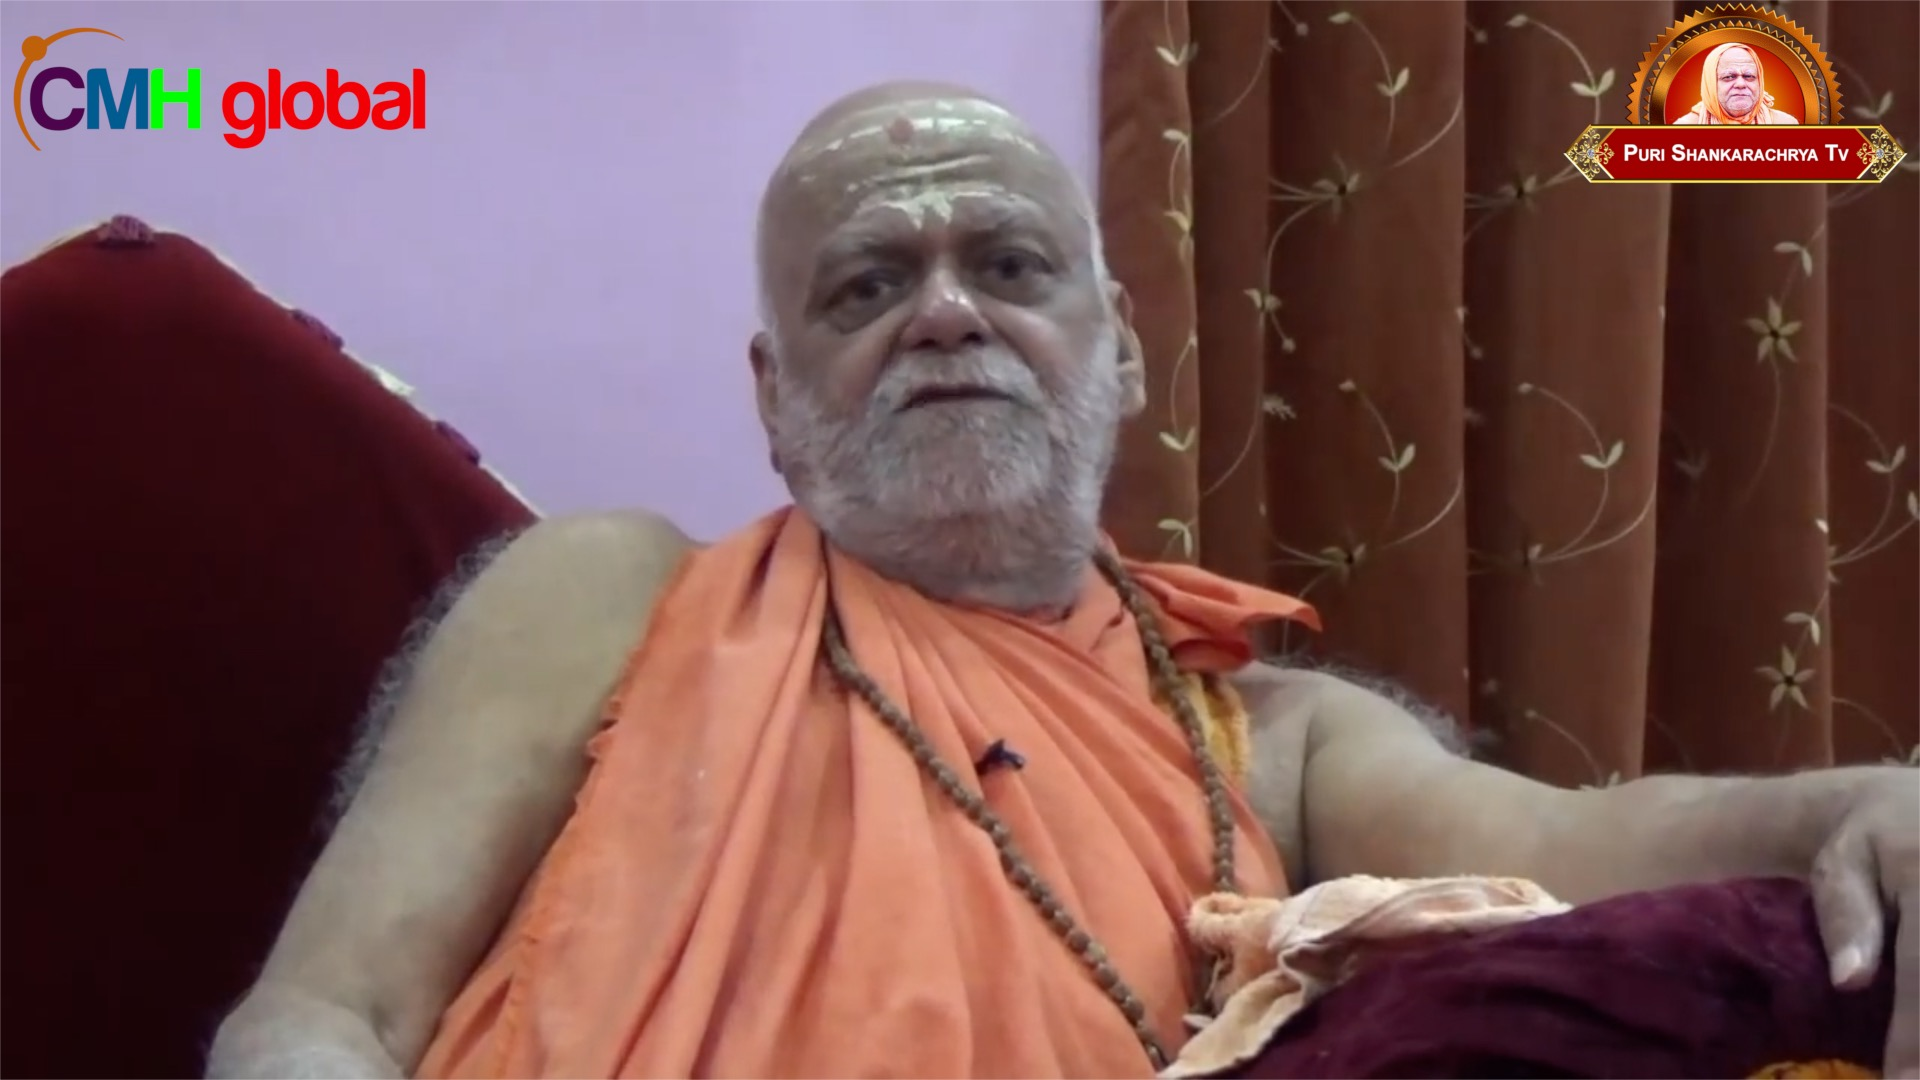 Gyan Dhara Ep -51 by Puri Shankaracharya Swami Nishchalananda Saraswati Ji